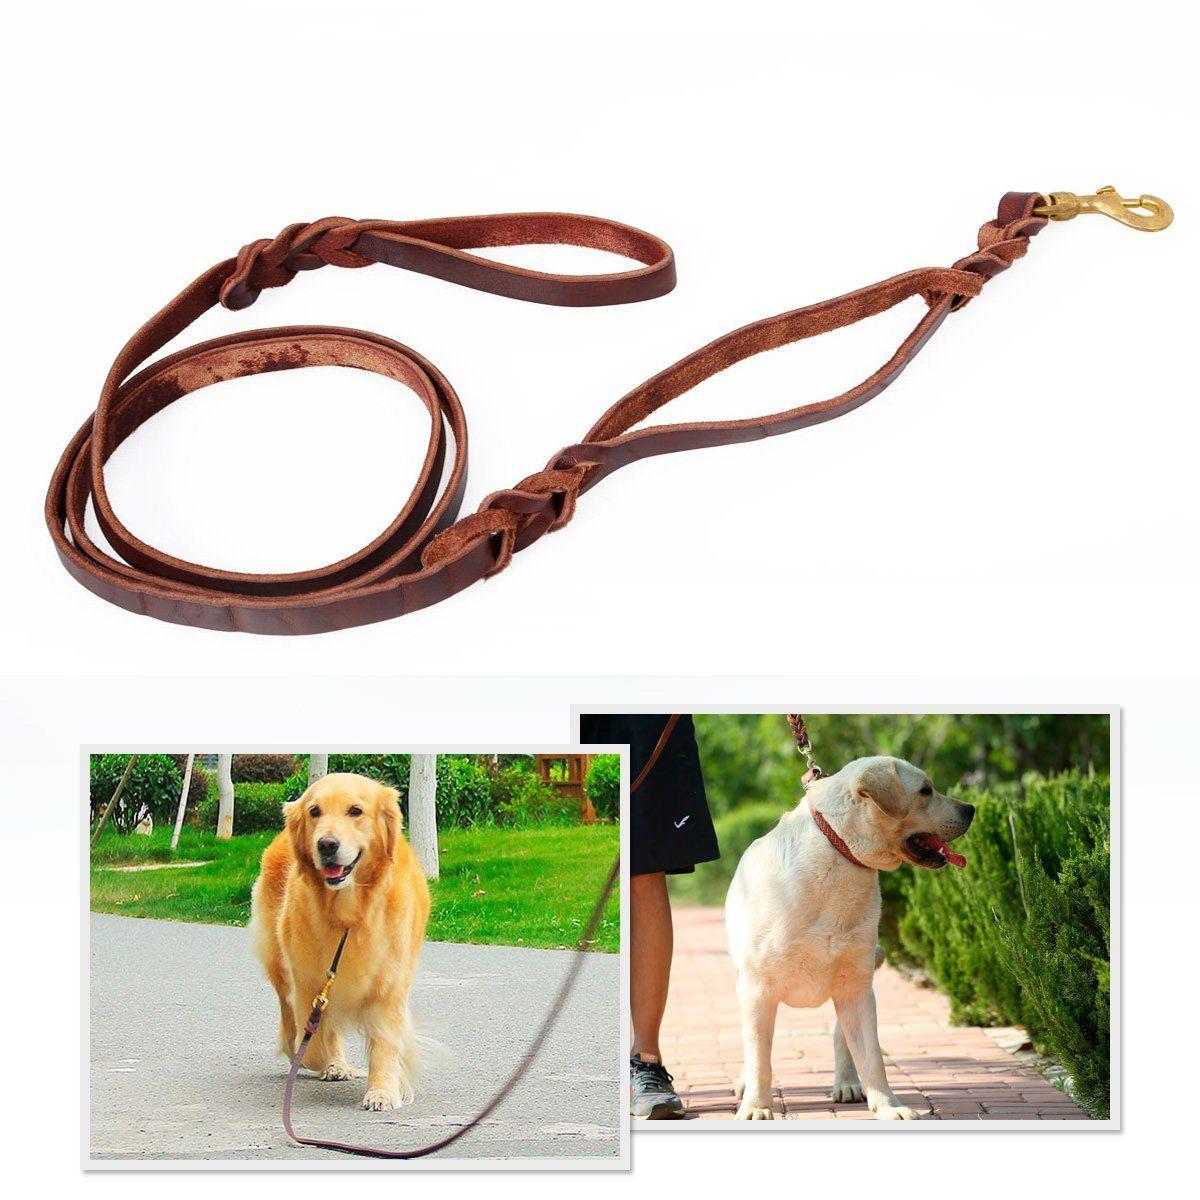 Bienna Dog Leash Heavy Duty Long Brown Genuine Leather Braided 2